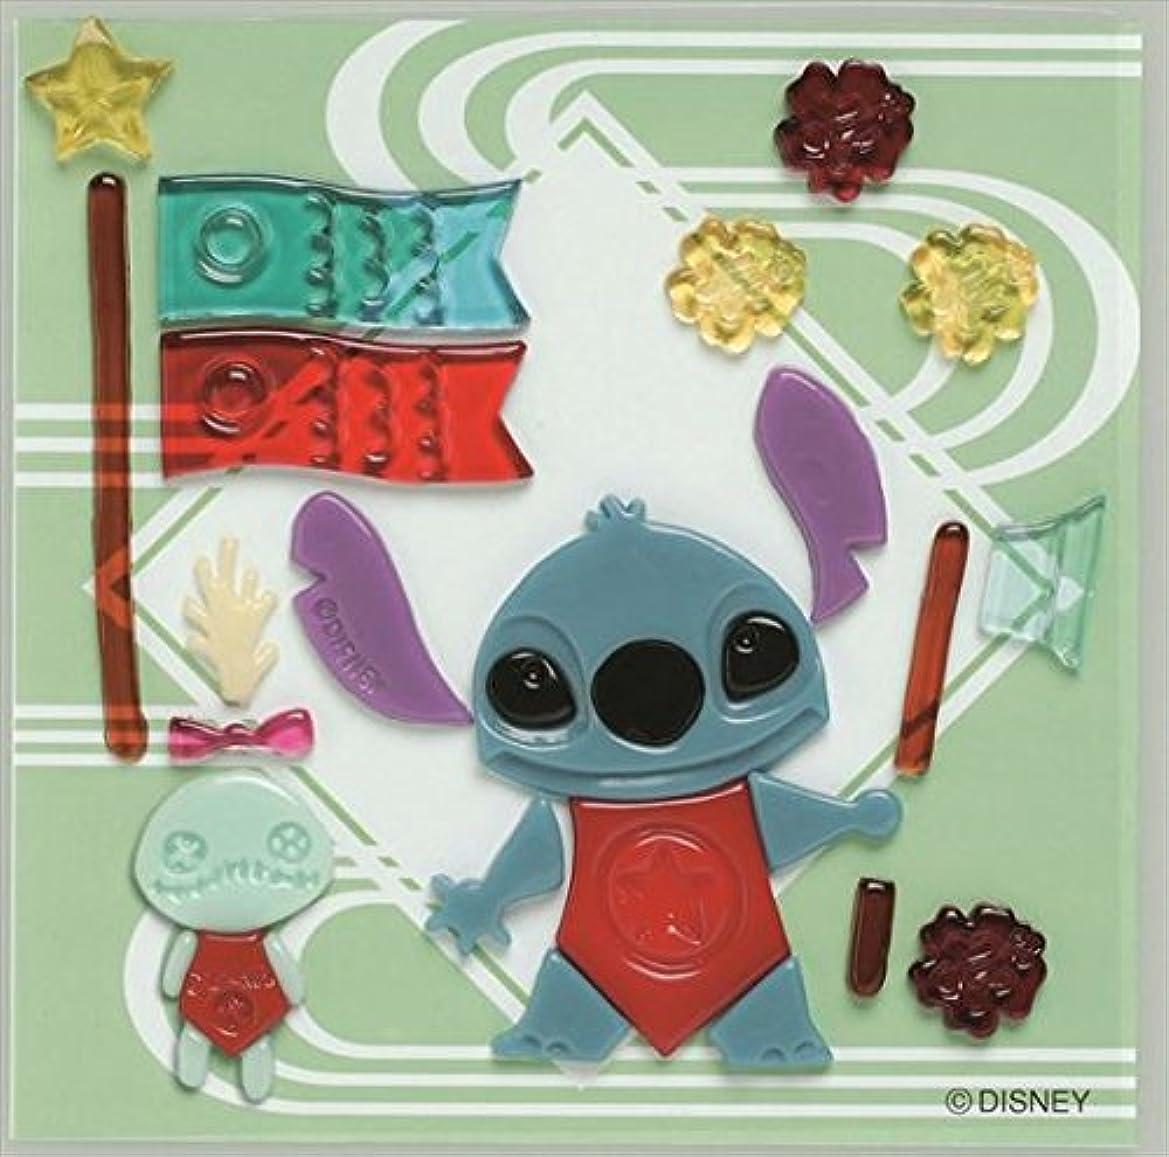 学部長かもしれない届けるディズニー( Disney ) ジェルジェムディズニーバッグS 「 キンタロウスティッチ 」 E1050027